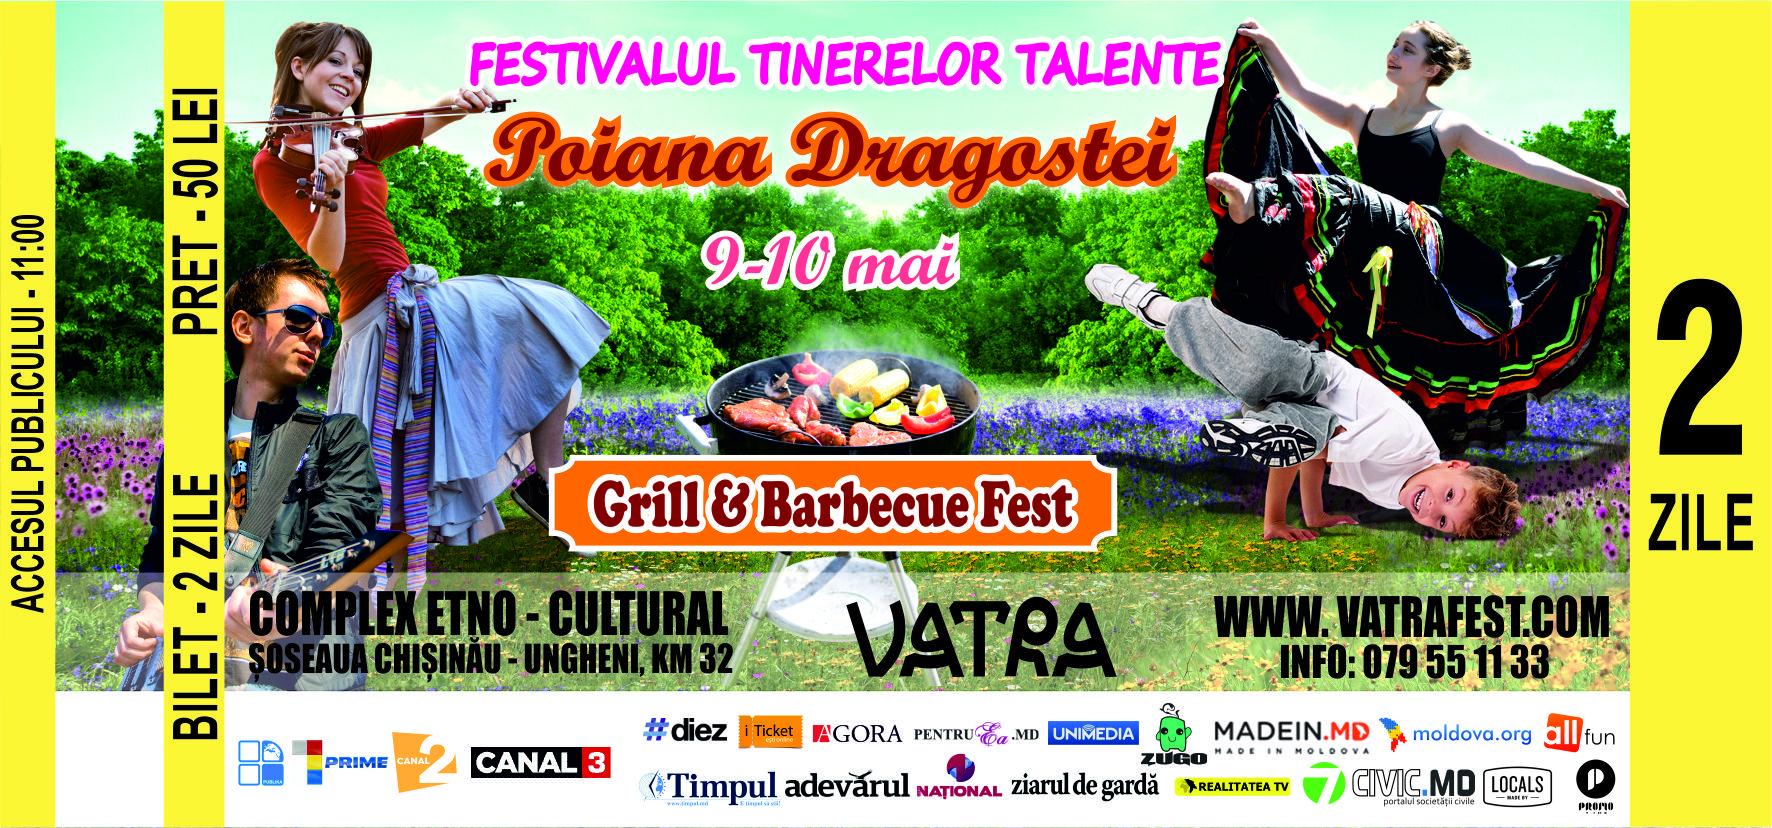 festivalul tinerilor talente - poiana dragostei